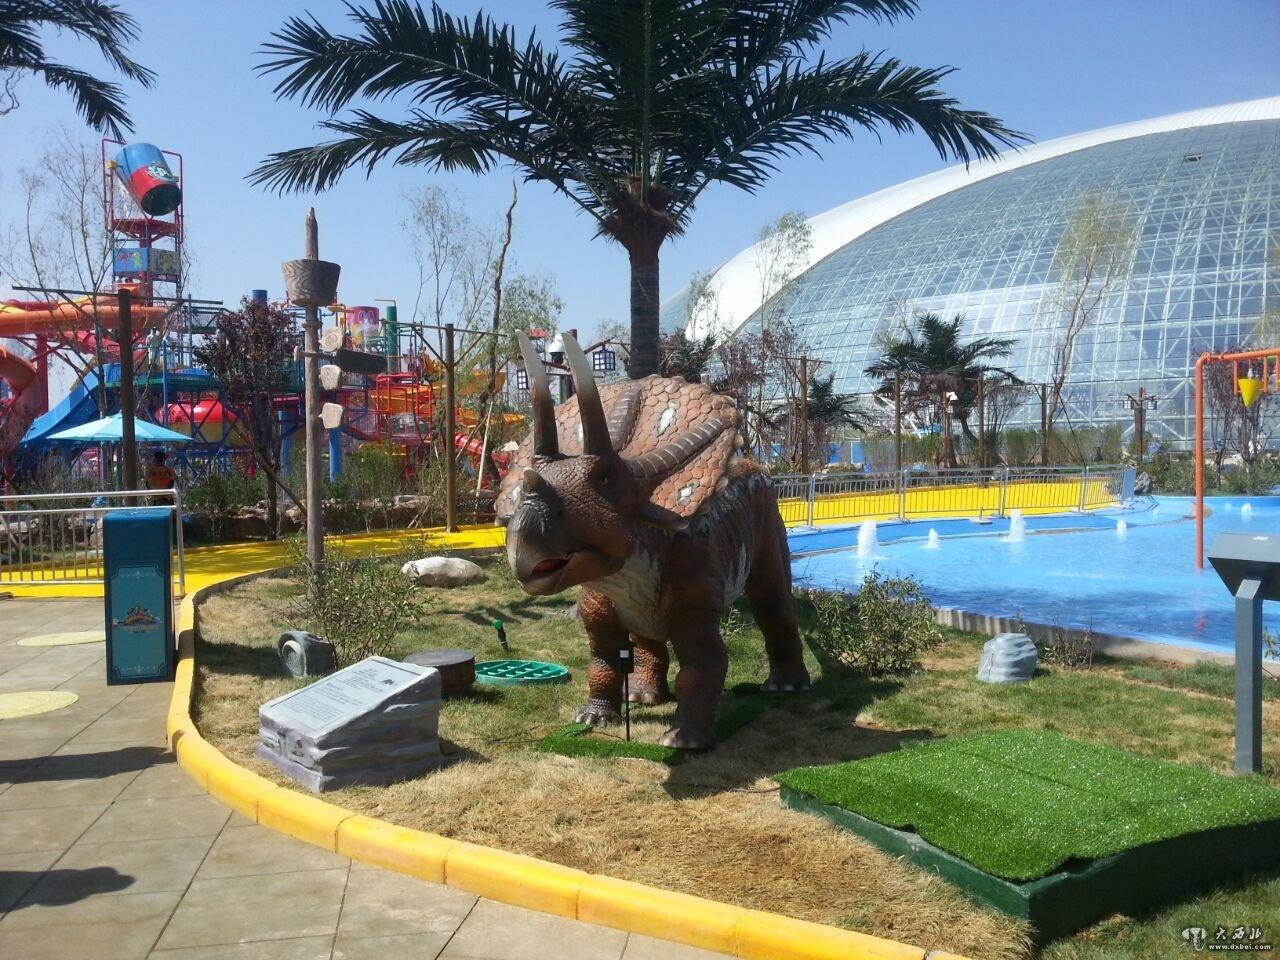 兰州攻略文化旅游v攻略月启幕恐龙新区水西部开3魔兽争霸人乐园族图片